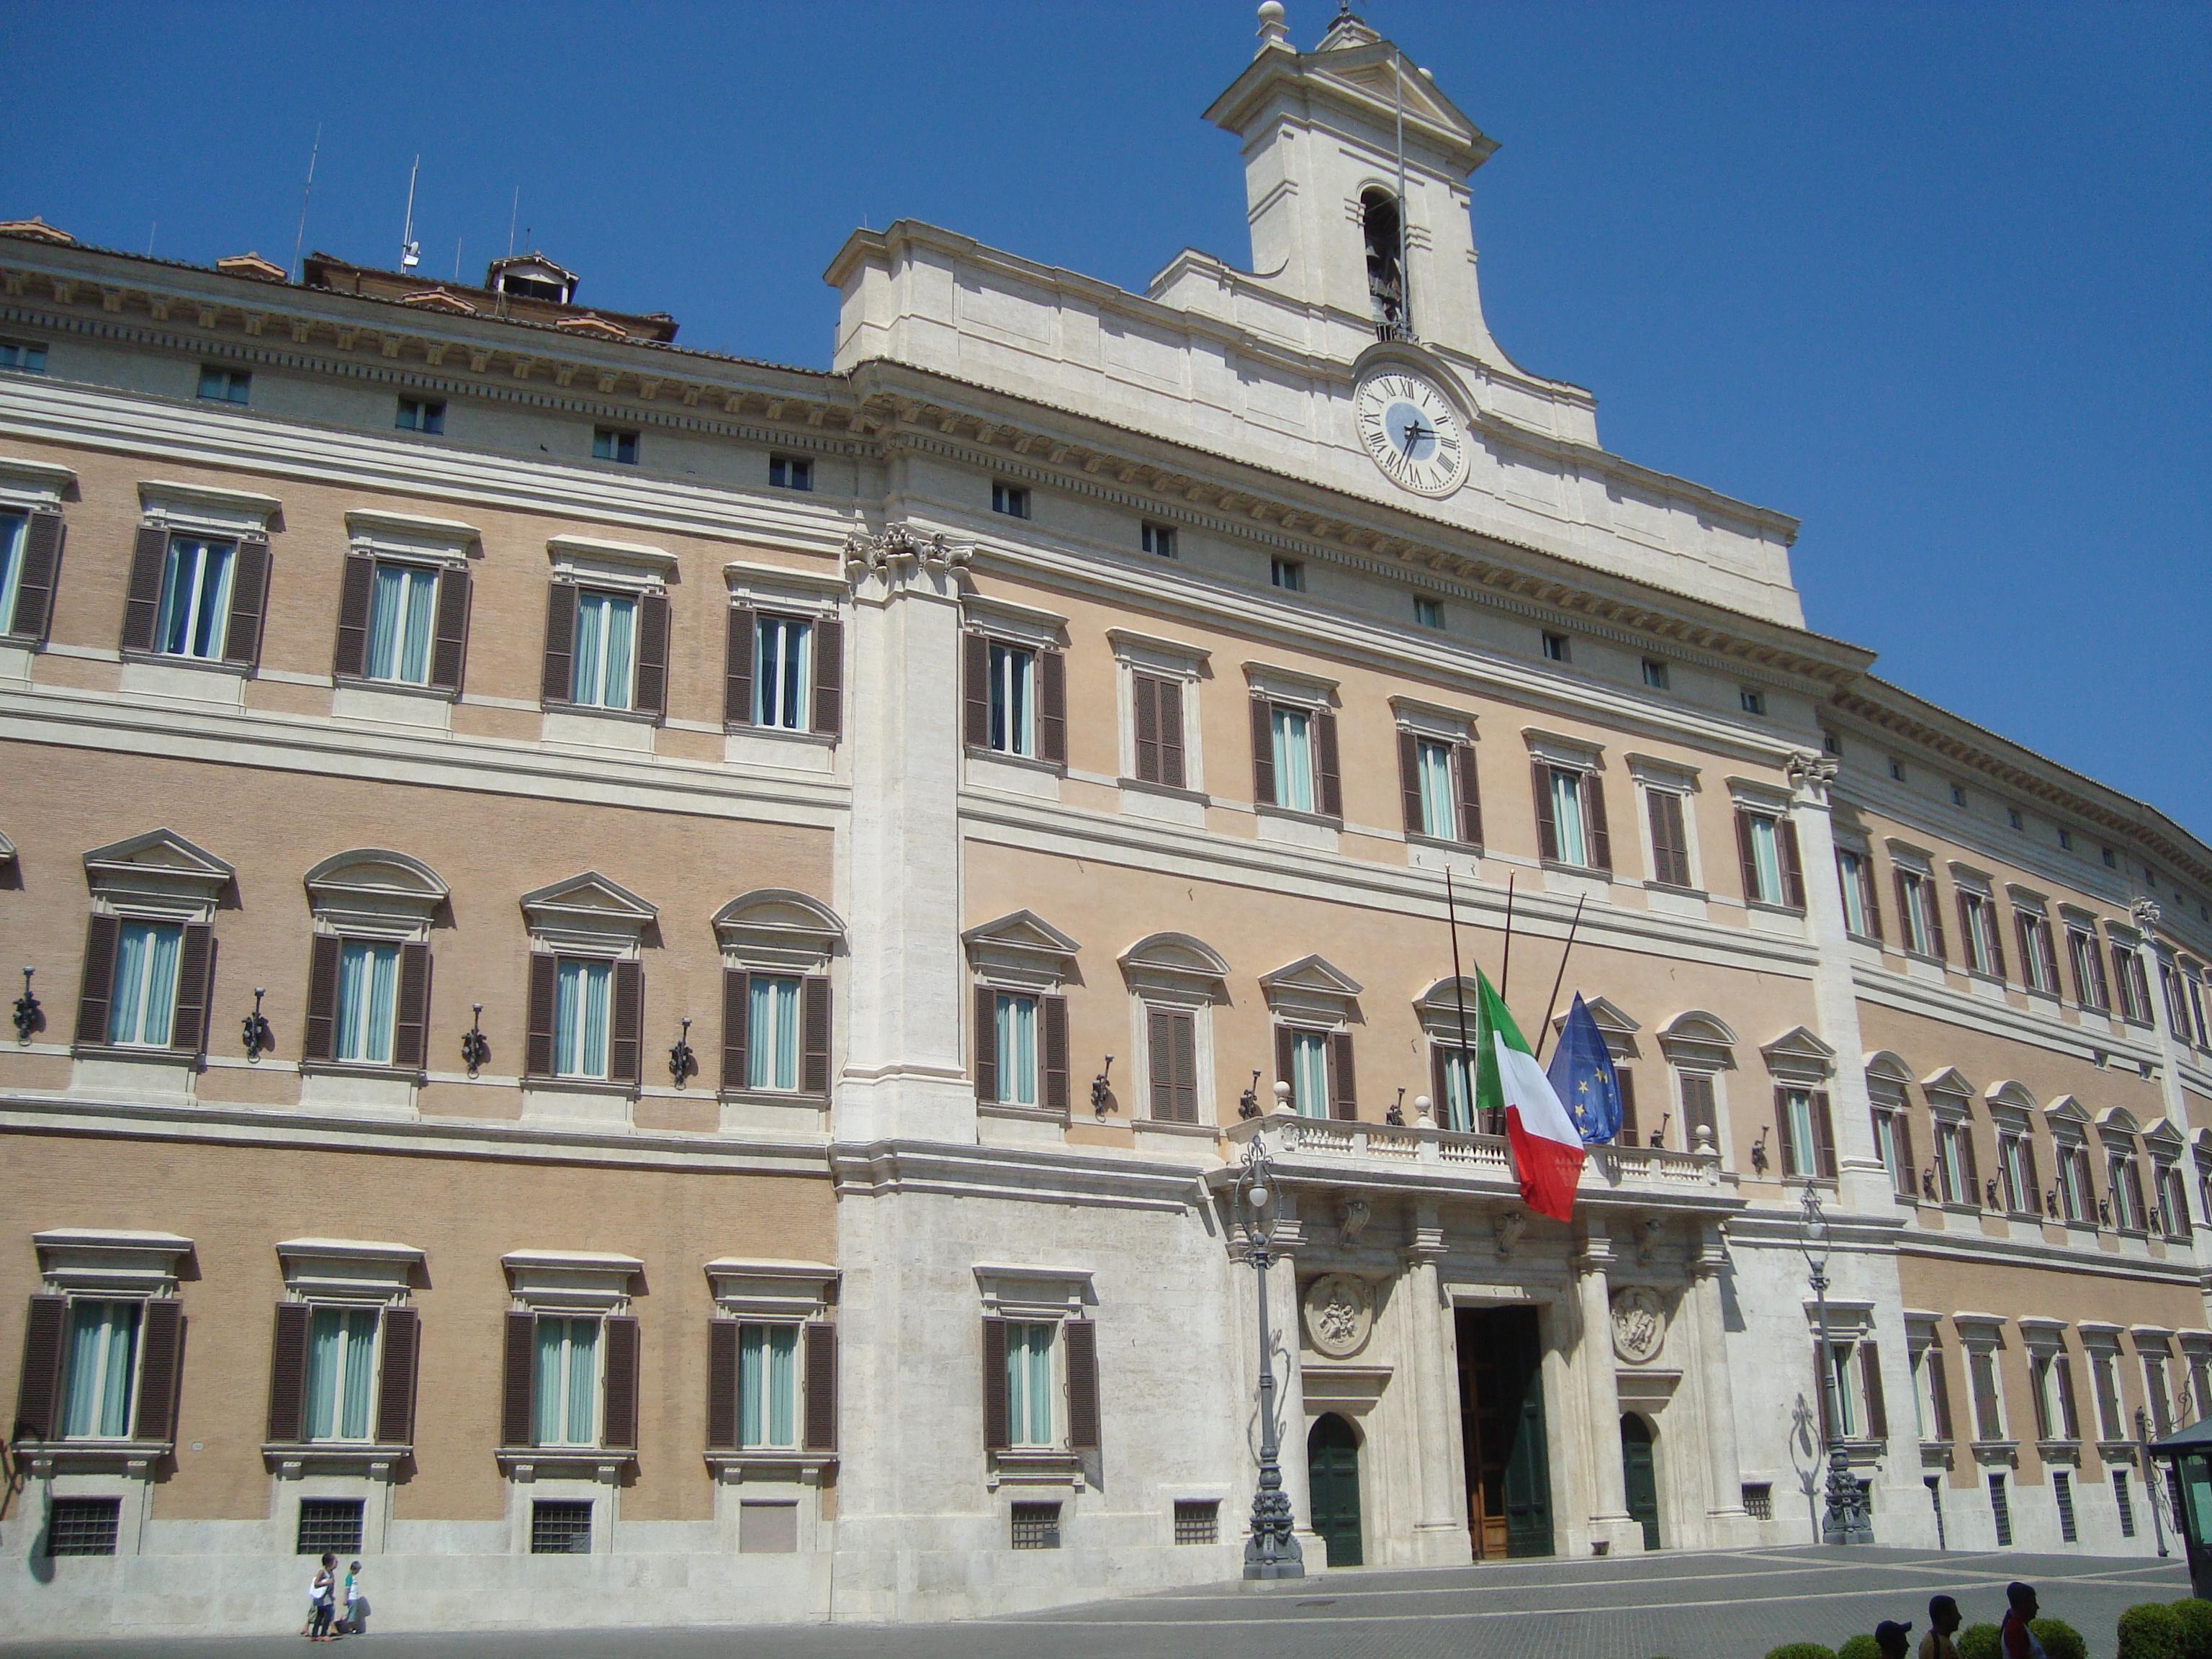 Camera ufficio di presidenza ci sono due siciliani live for Ufficio di presidenza camera